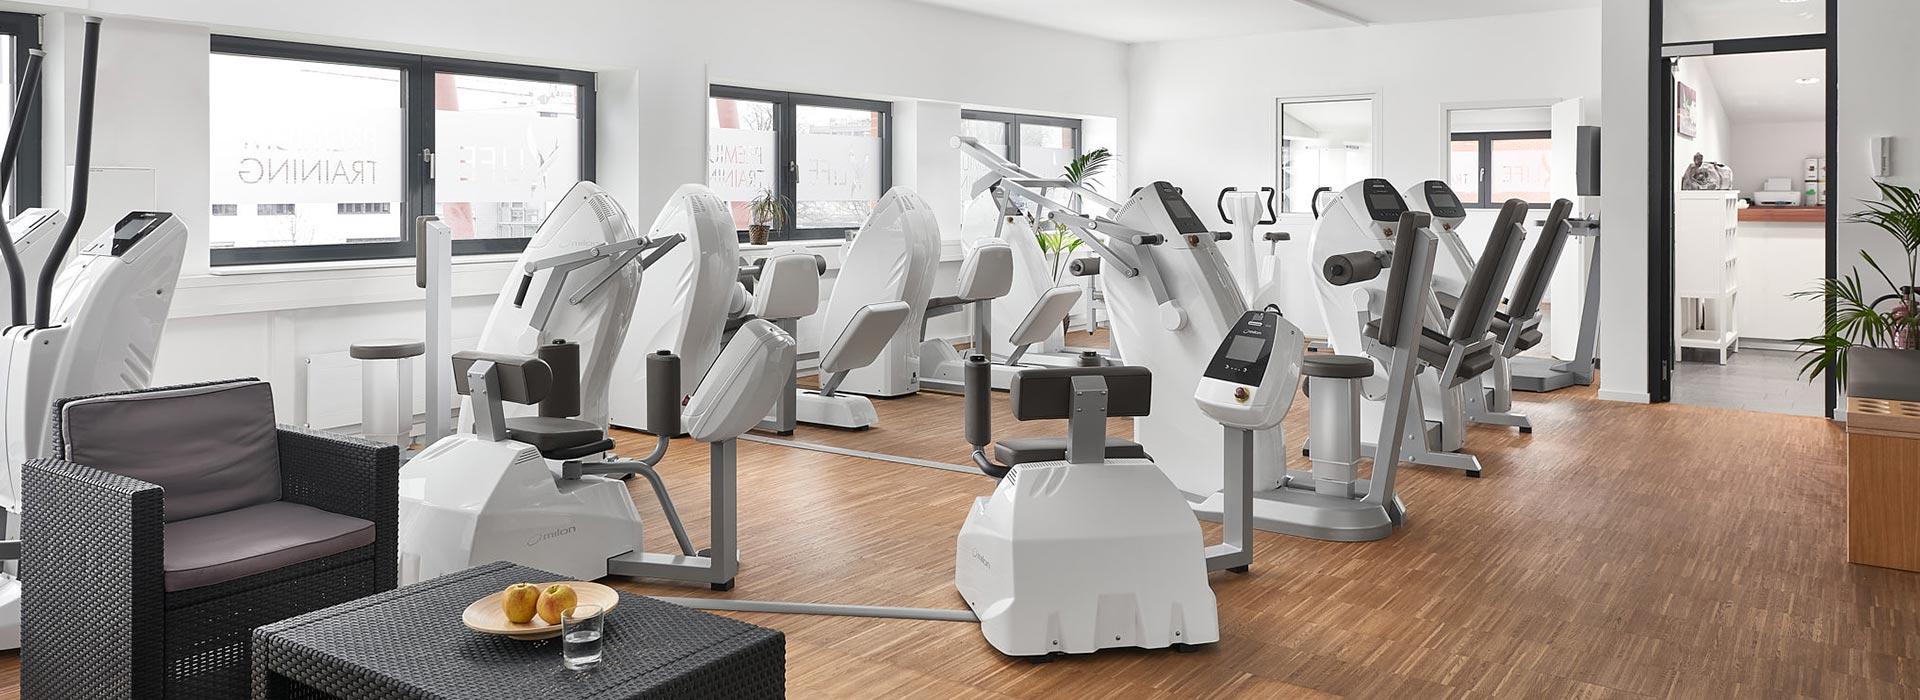 Fitness Allschwil: Modernes Gesundheitszentrum